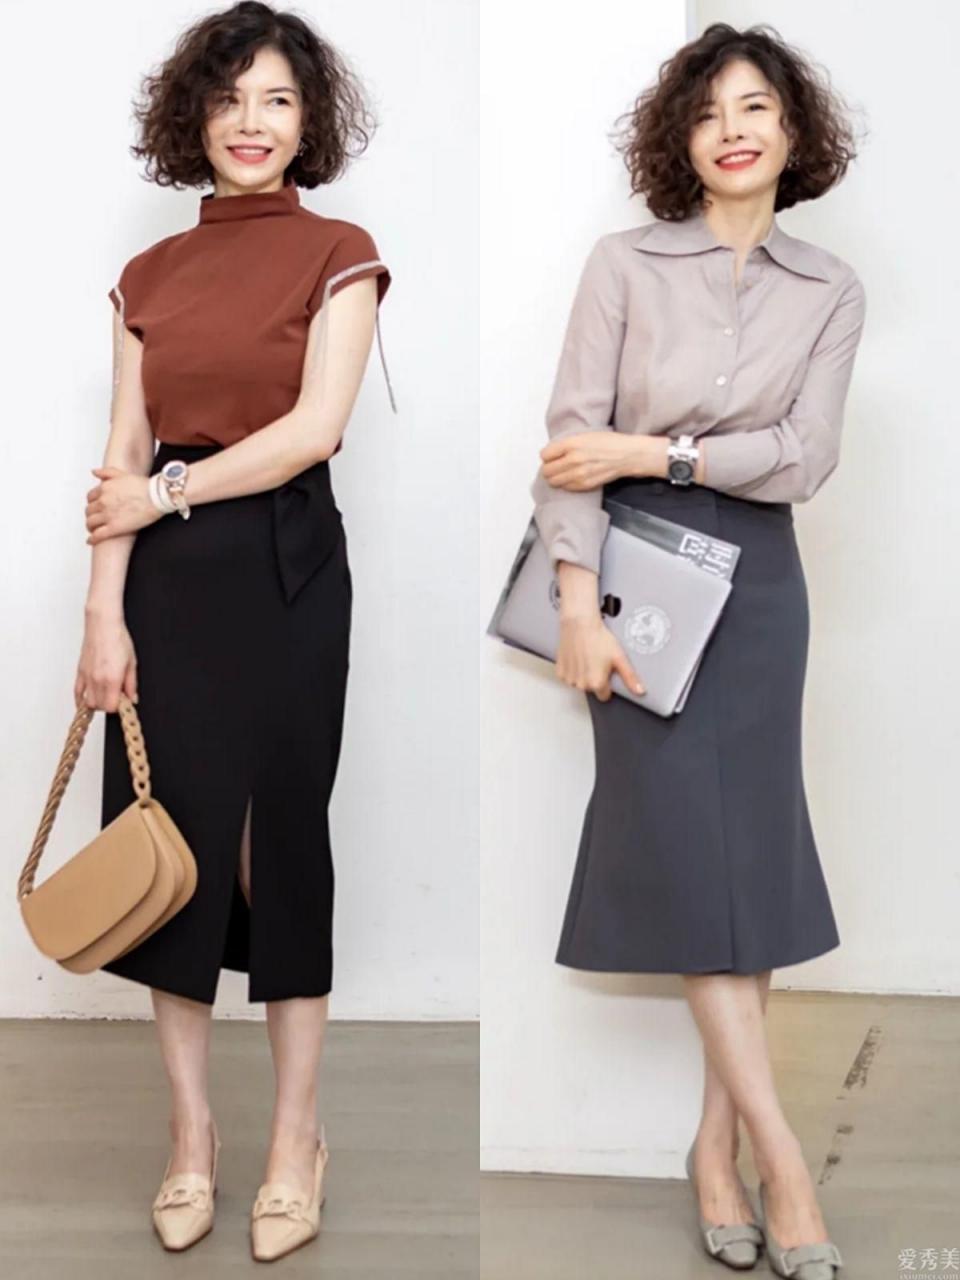 40+的女性怎樣提高自己的穿衣風格?飾品配搭,要比服裝款式更關鍵